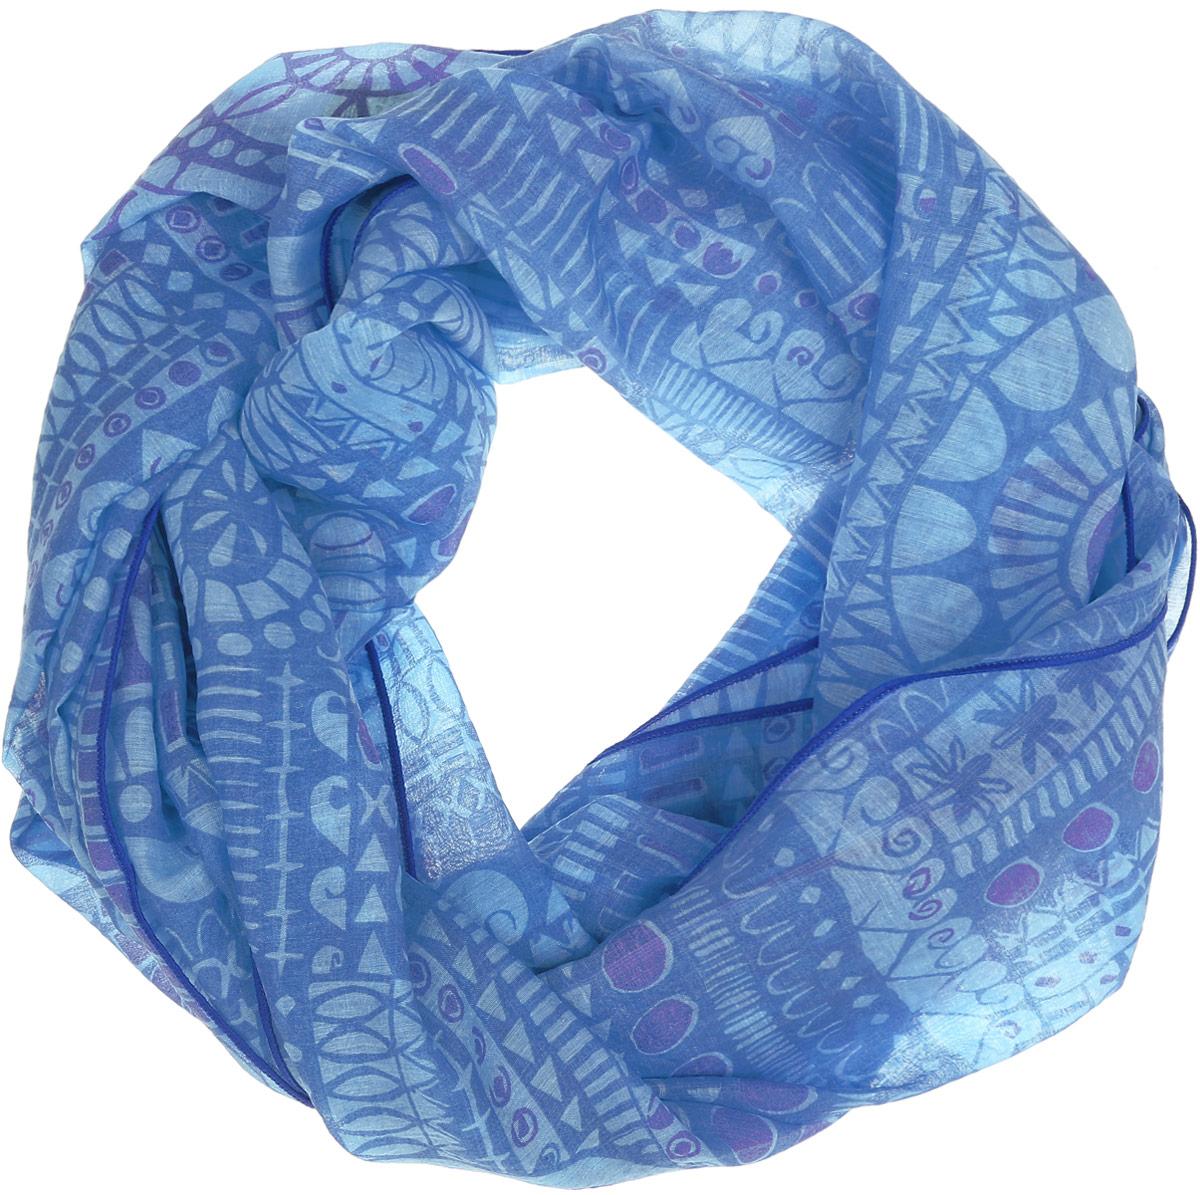 Палантин женский Labbra, цвет: синий, голубой. LBL22-273. Размер 55 см х 180 смLBL22-273Элегантный палантин Labbra станет достойным завершением вашего образа.Палантин изготовлен из хлопка и шелка. Модель оформлена оригинальным геометрическим орнаментом. Палантин красиво драпируется, он превосходно дополнит любой наряд и подчеркнет ваш изысканный вкус.Легкий и изящный палантин привнесет в ваш образ утонченность и шарм.